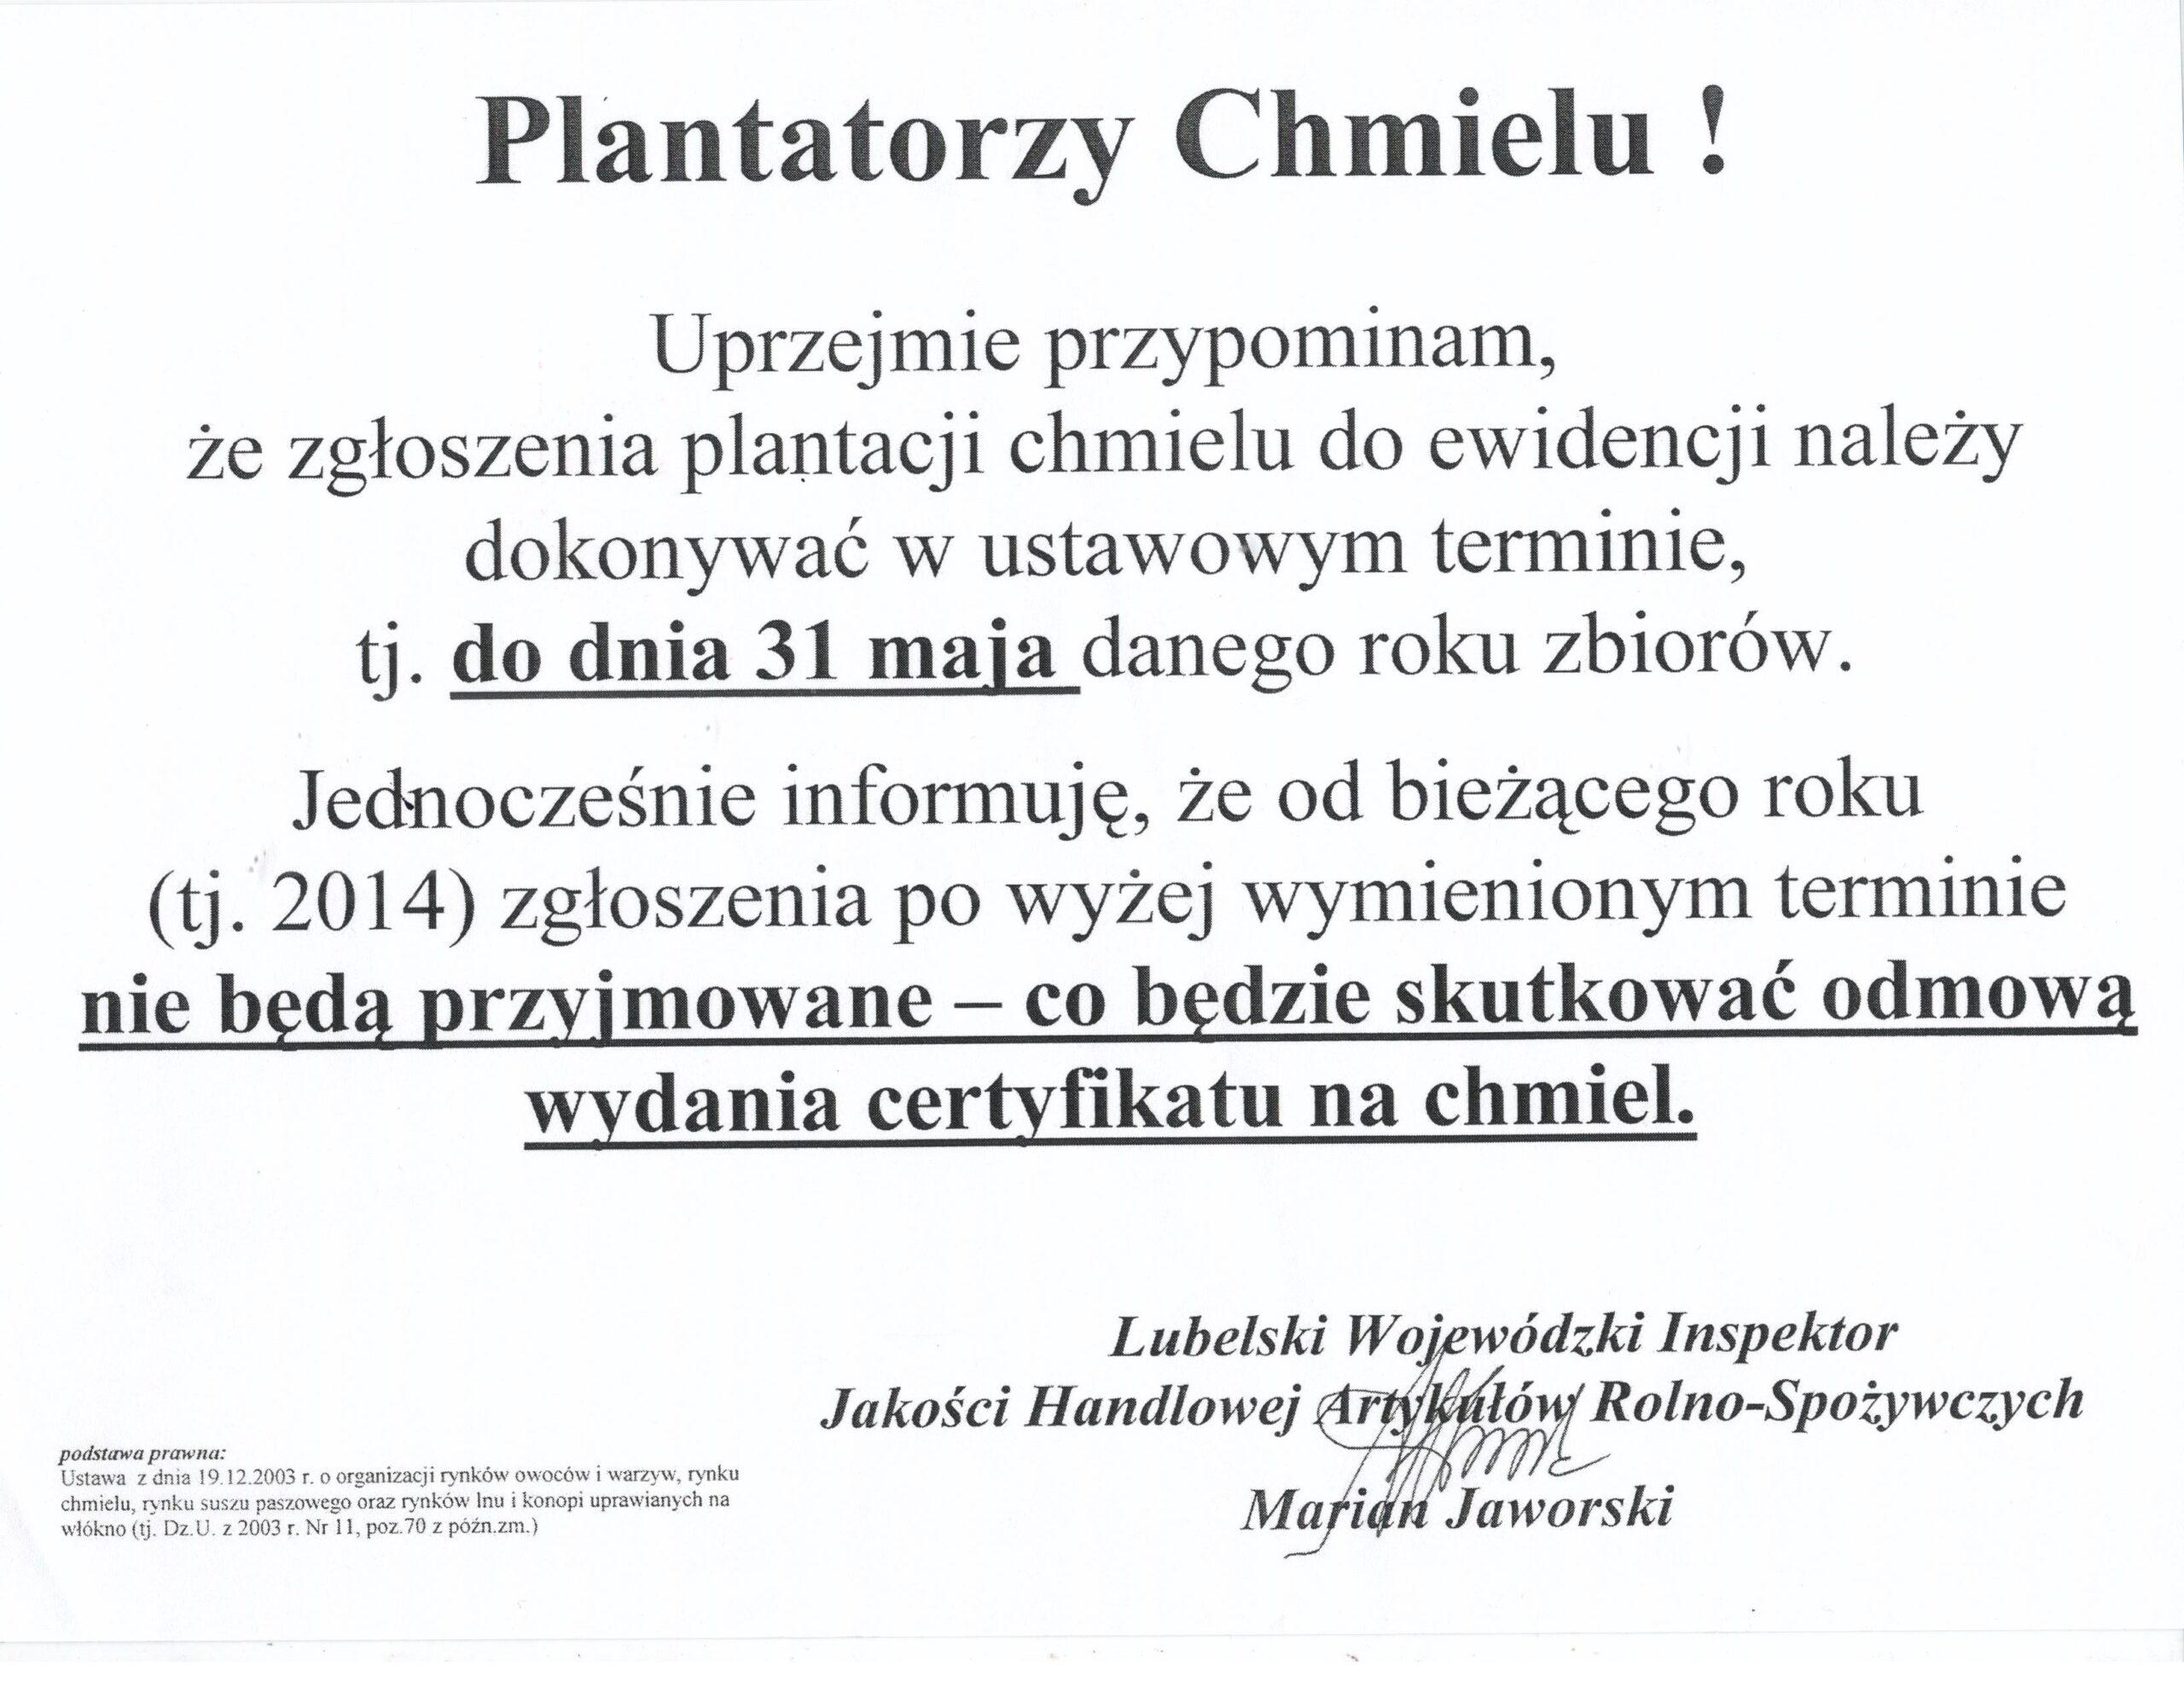 Plantatorzy Chmielu scaled